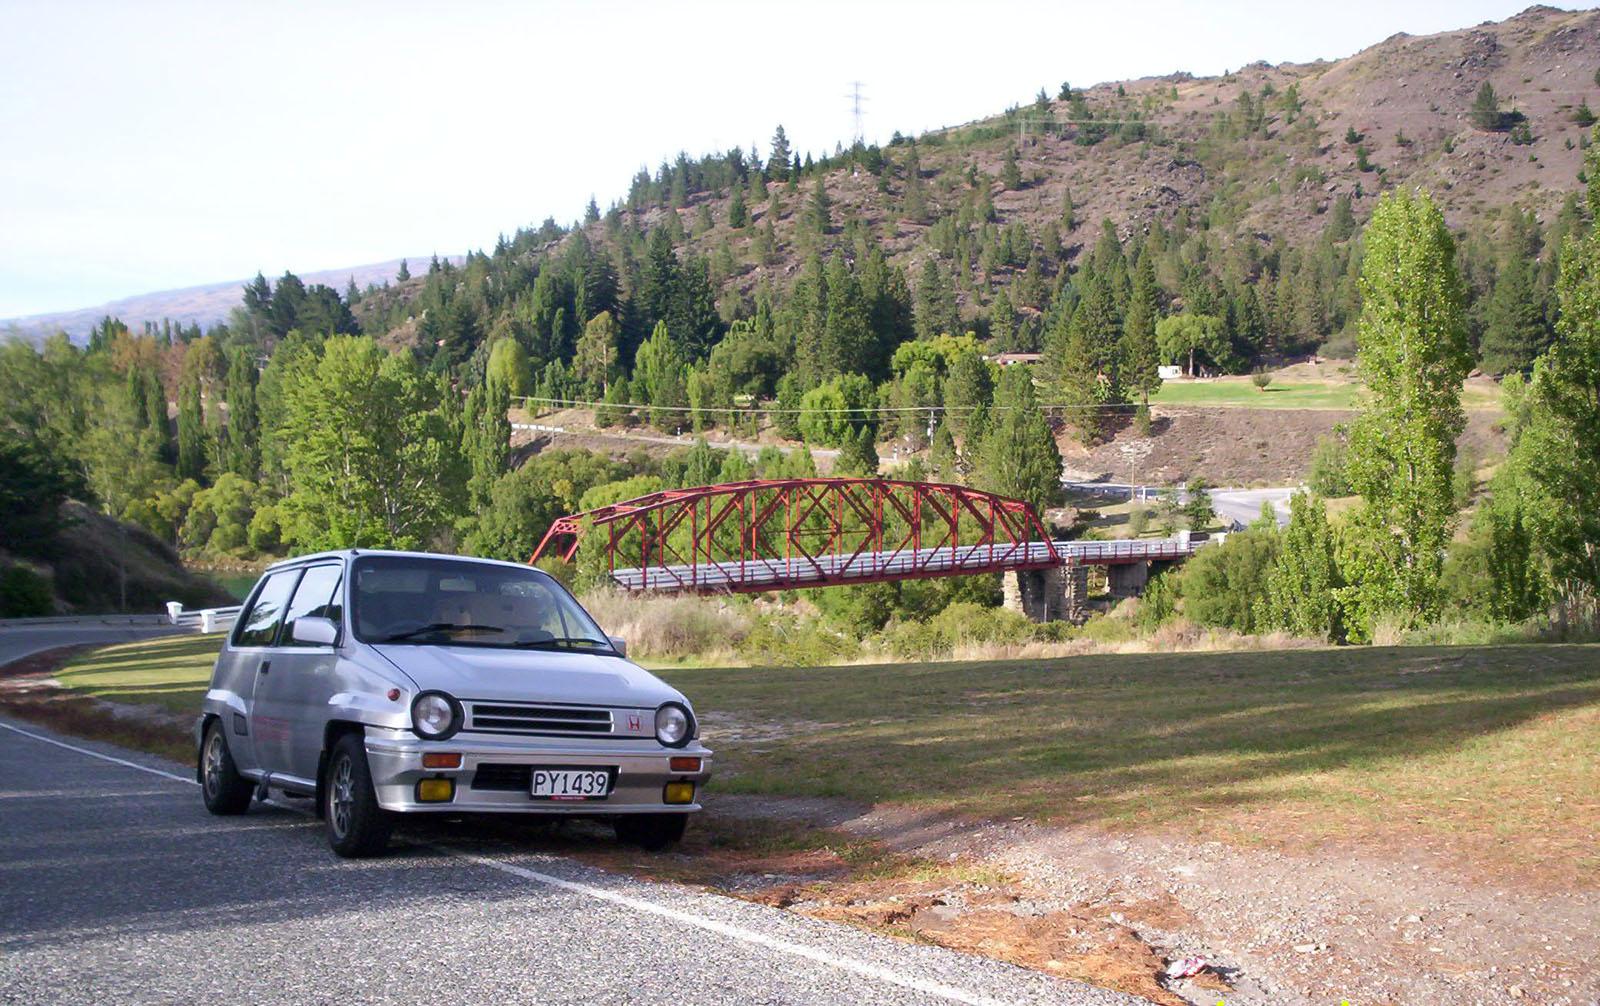 Clyde Bridge, Below, Bridge, Bspo06, Corner, HQ Photo